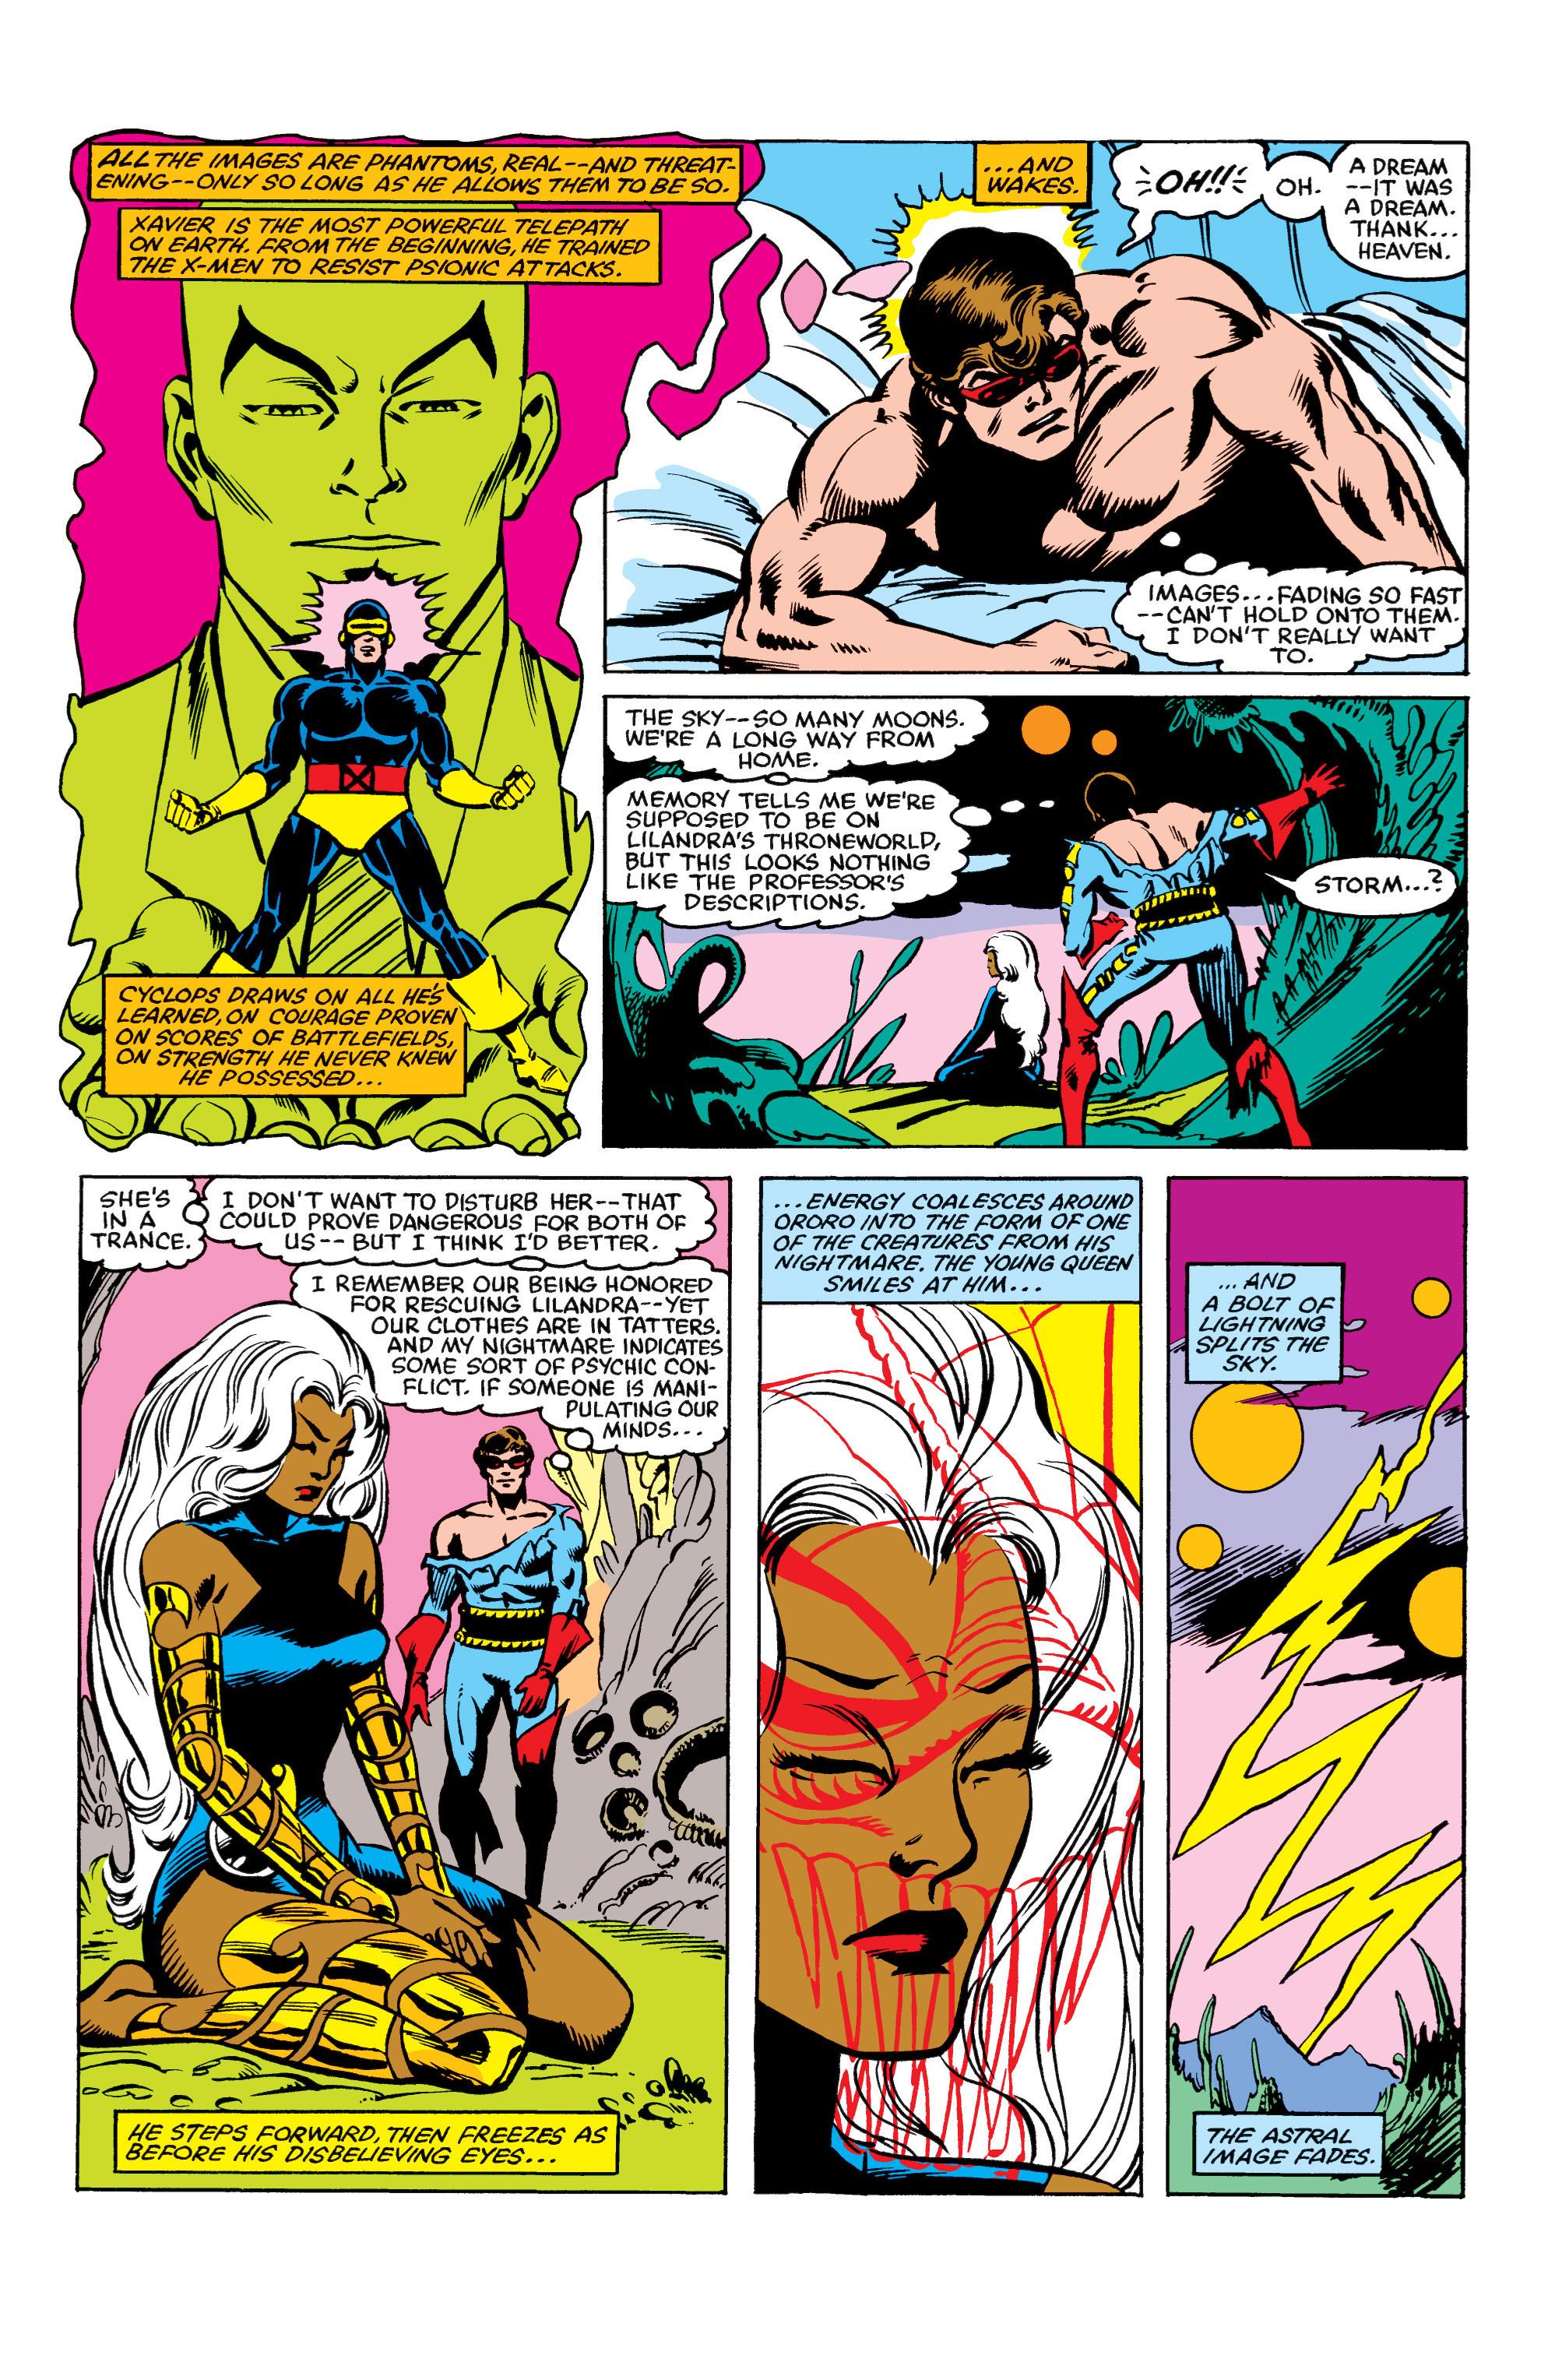 Impreg Comics Classy storm >>> appreciation <<< - page 2324